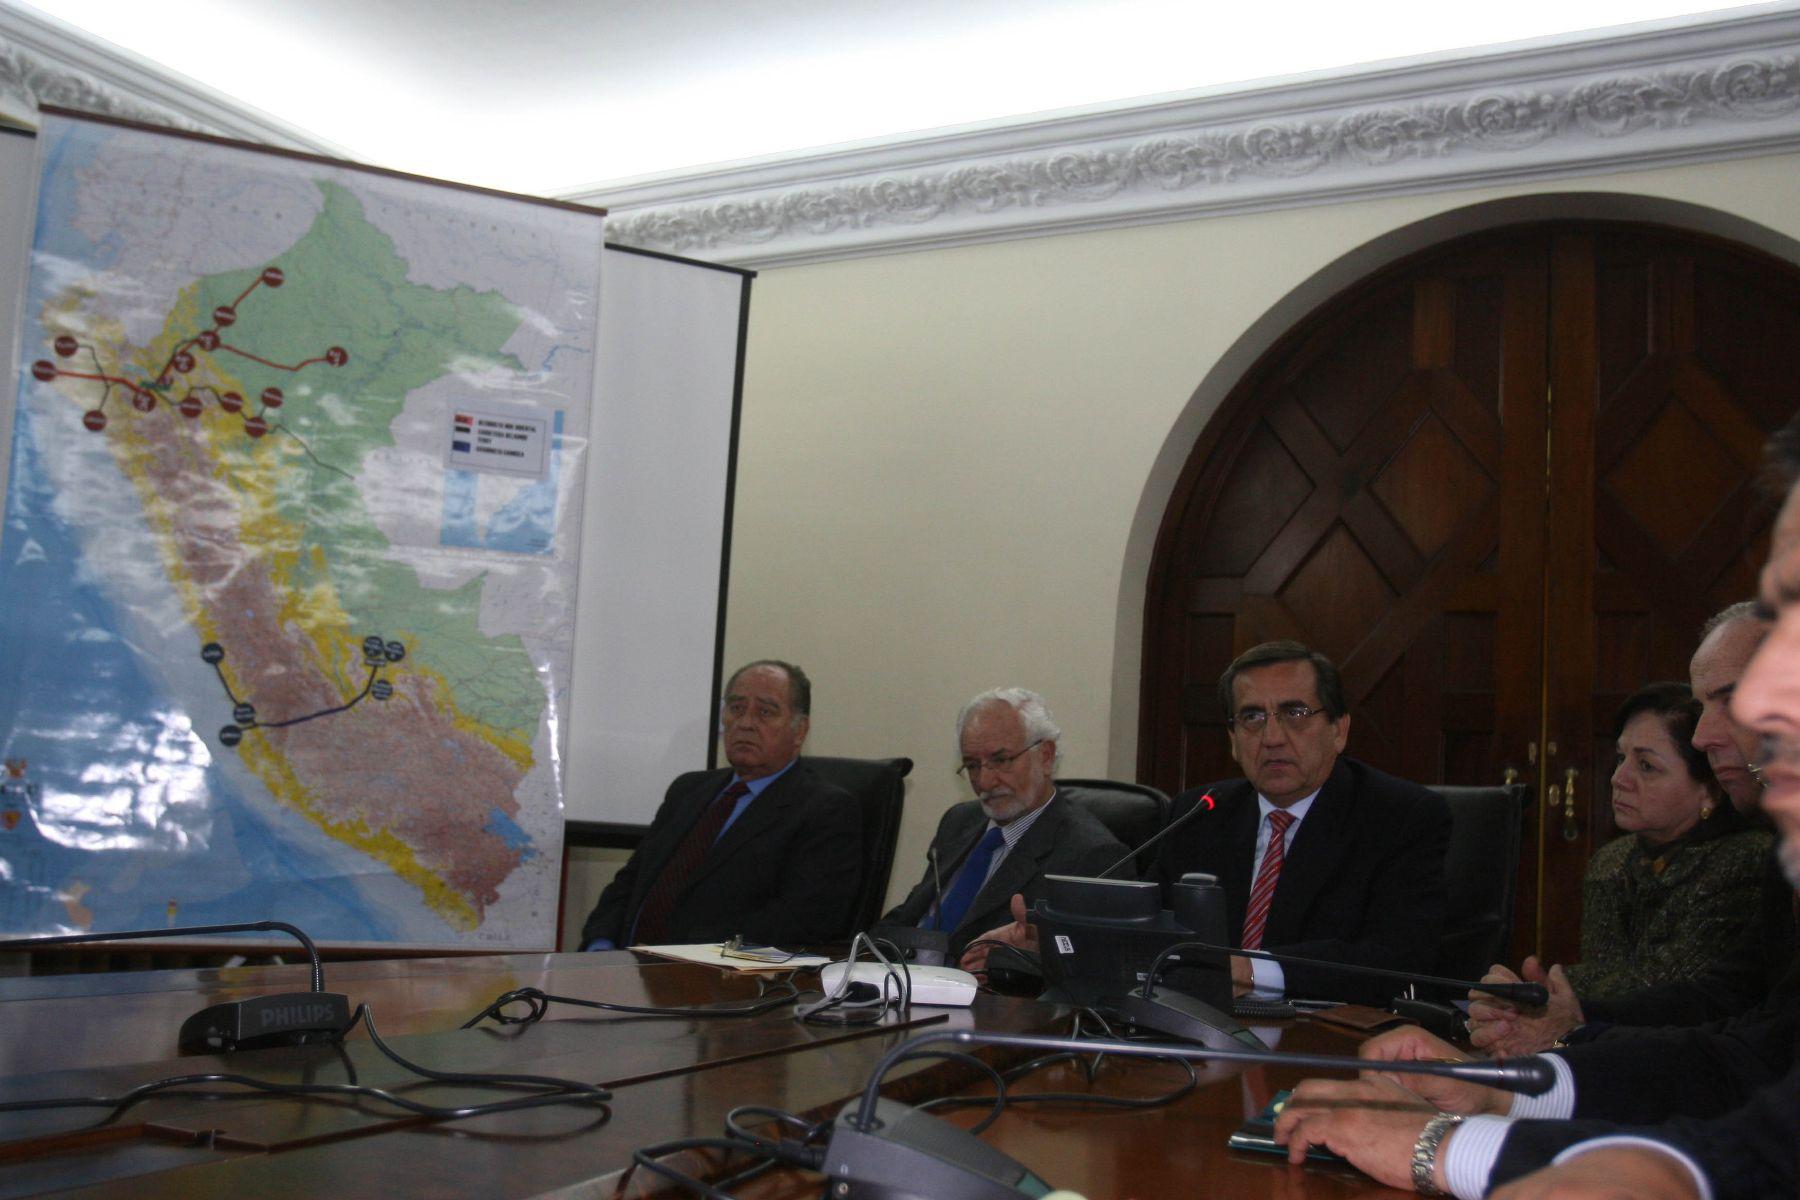 Conferencia de prensa del jefe del Gabinete, Jorge del Castillo, y los Ministros de Justicia, Defensa, Agricultura y Ambiente. Foto: ANDINA/ Vidal Tarqui